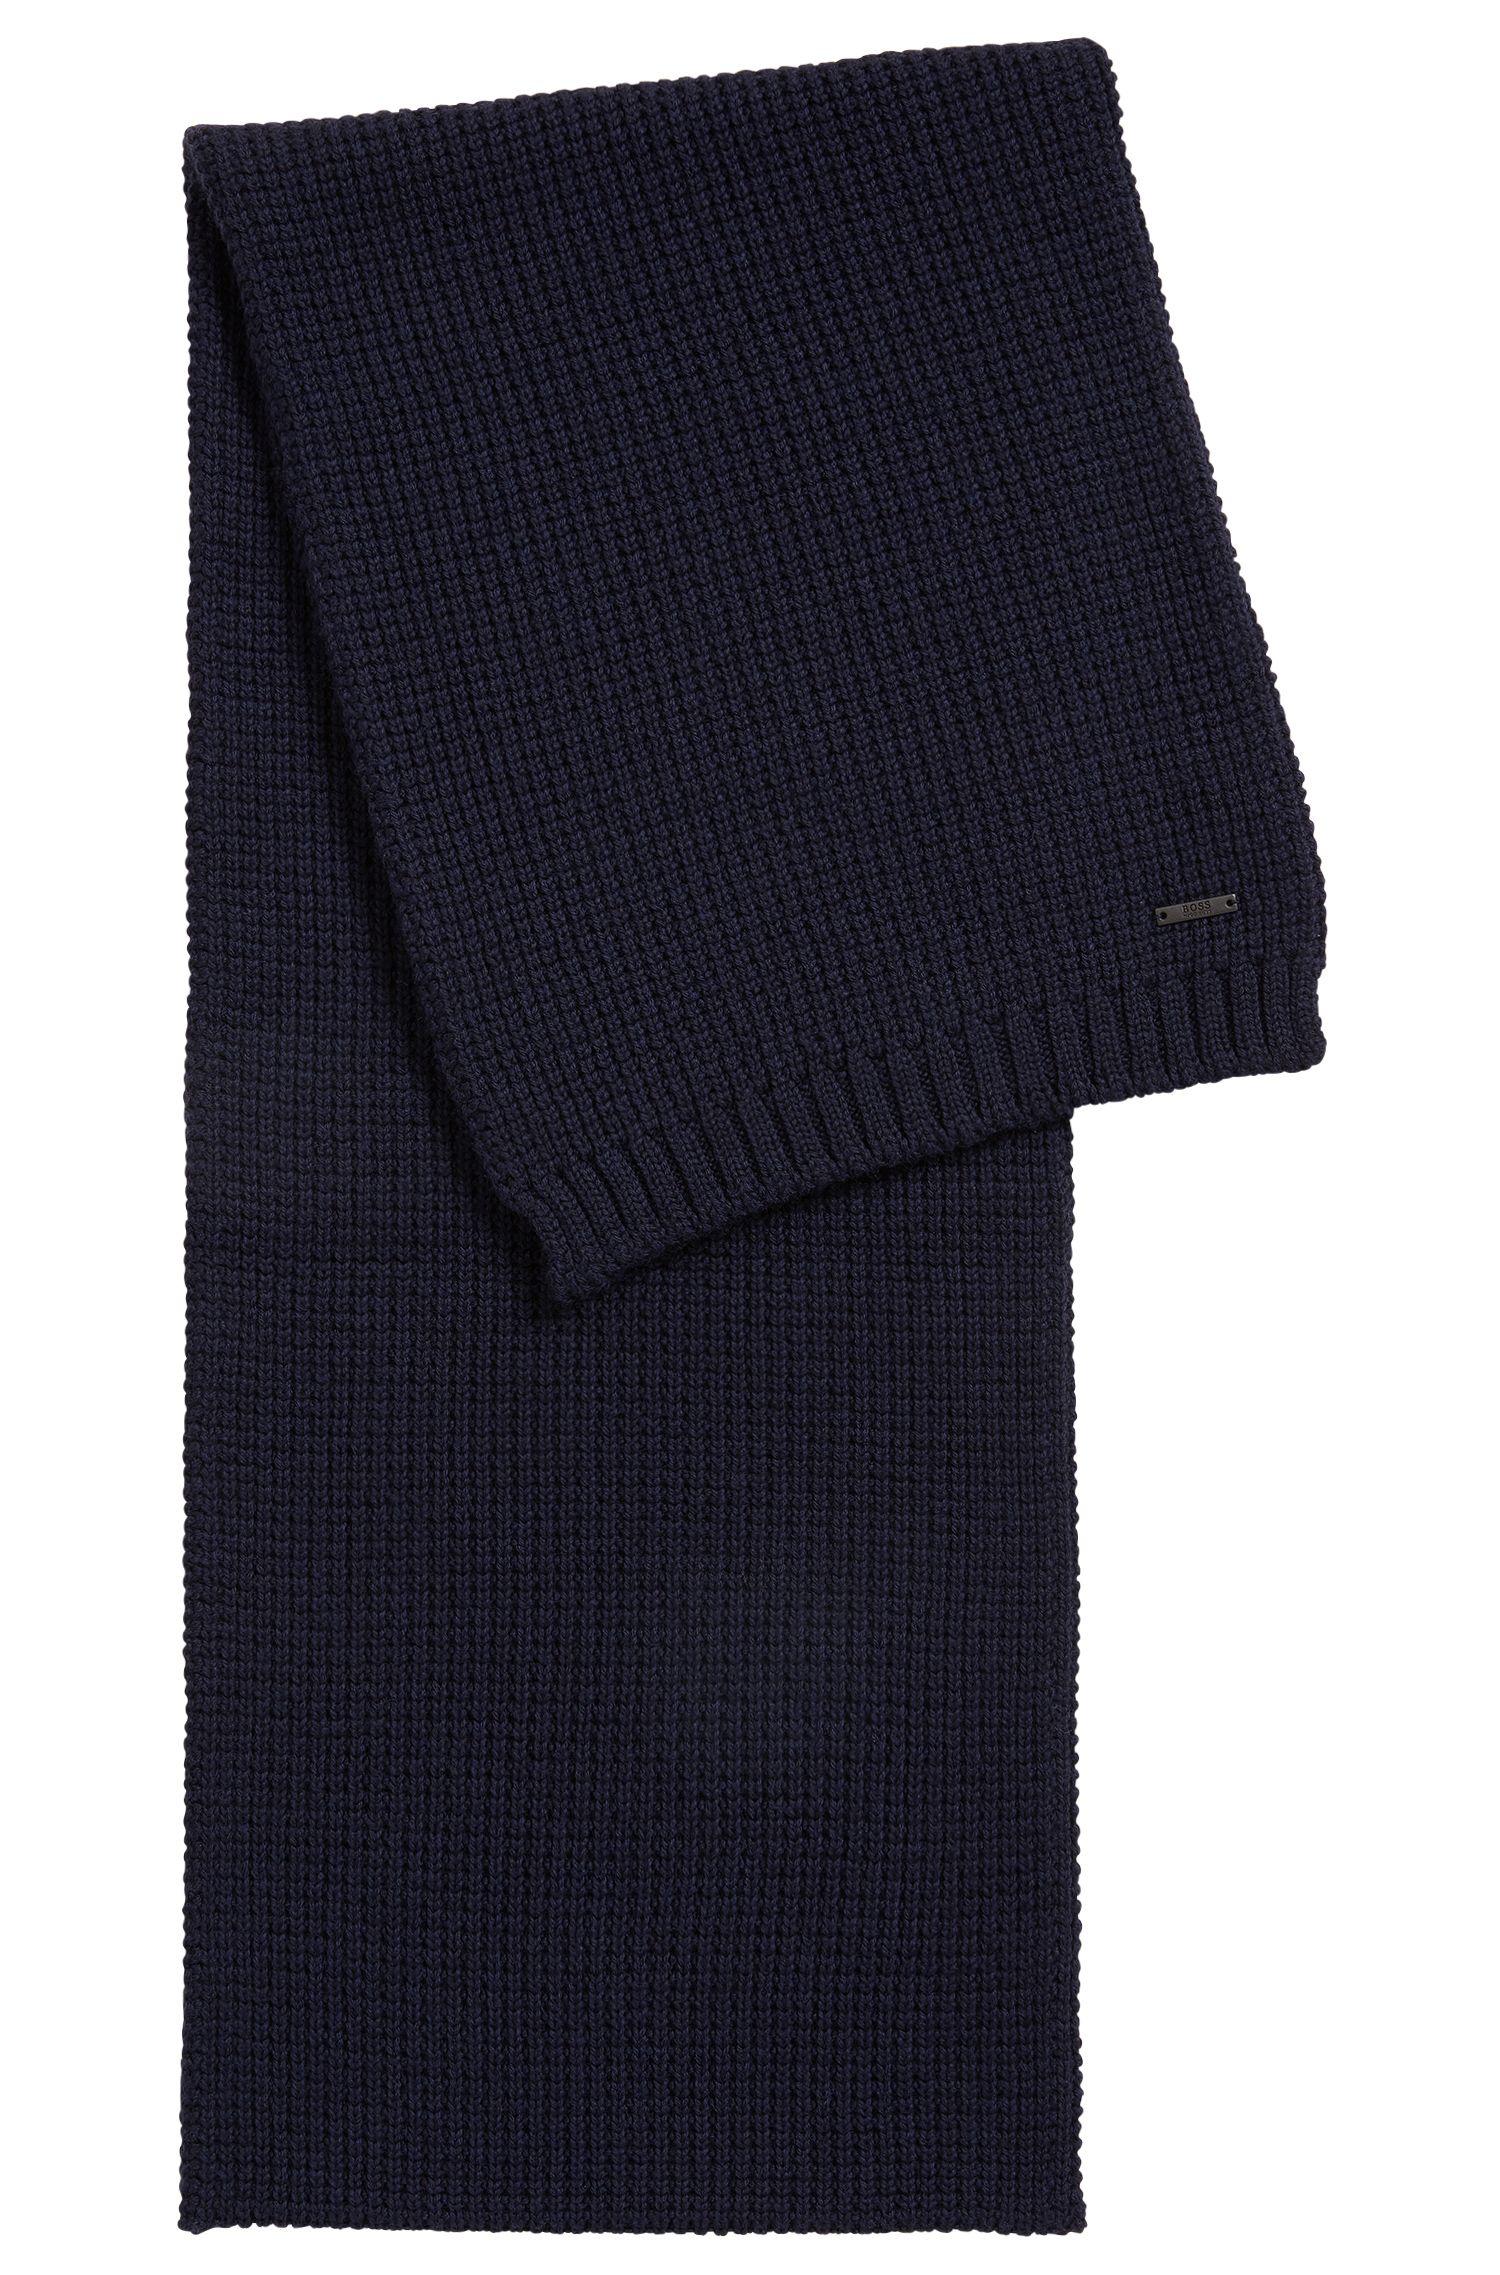 Sciarpa in maglia a nido d'ape in lana vergine, Blu scuro